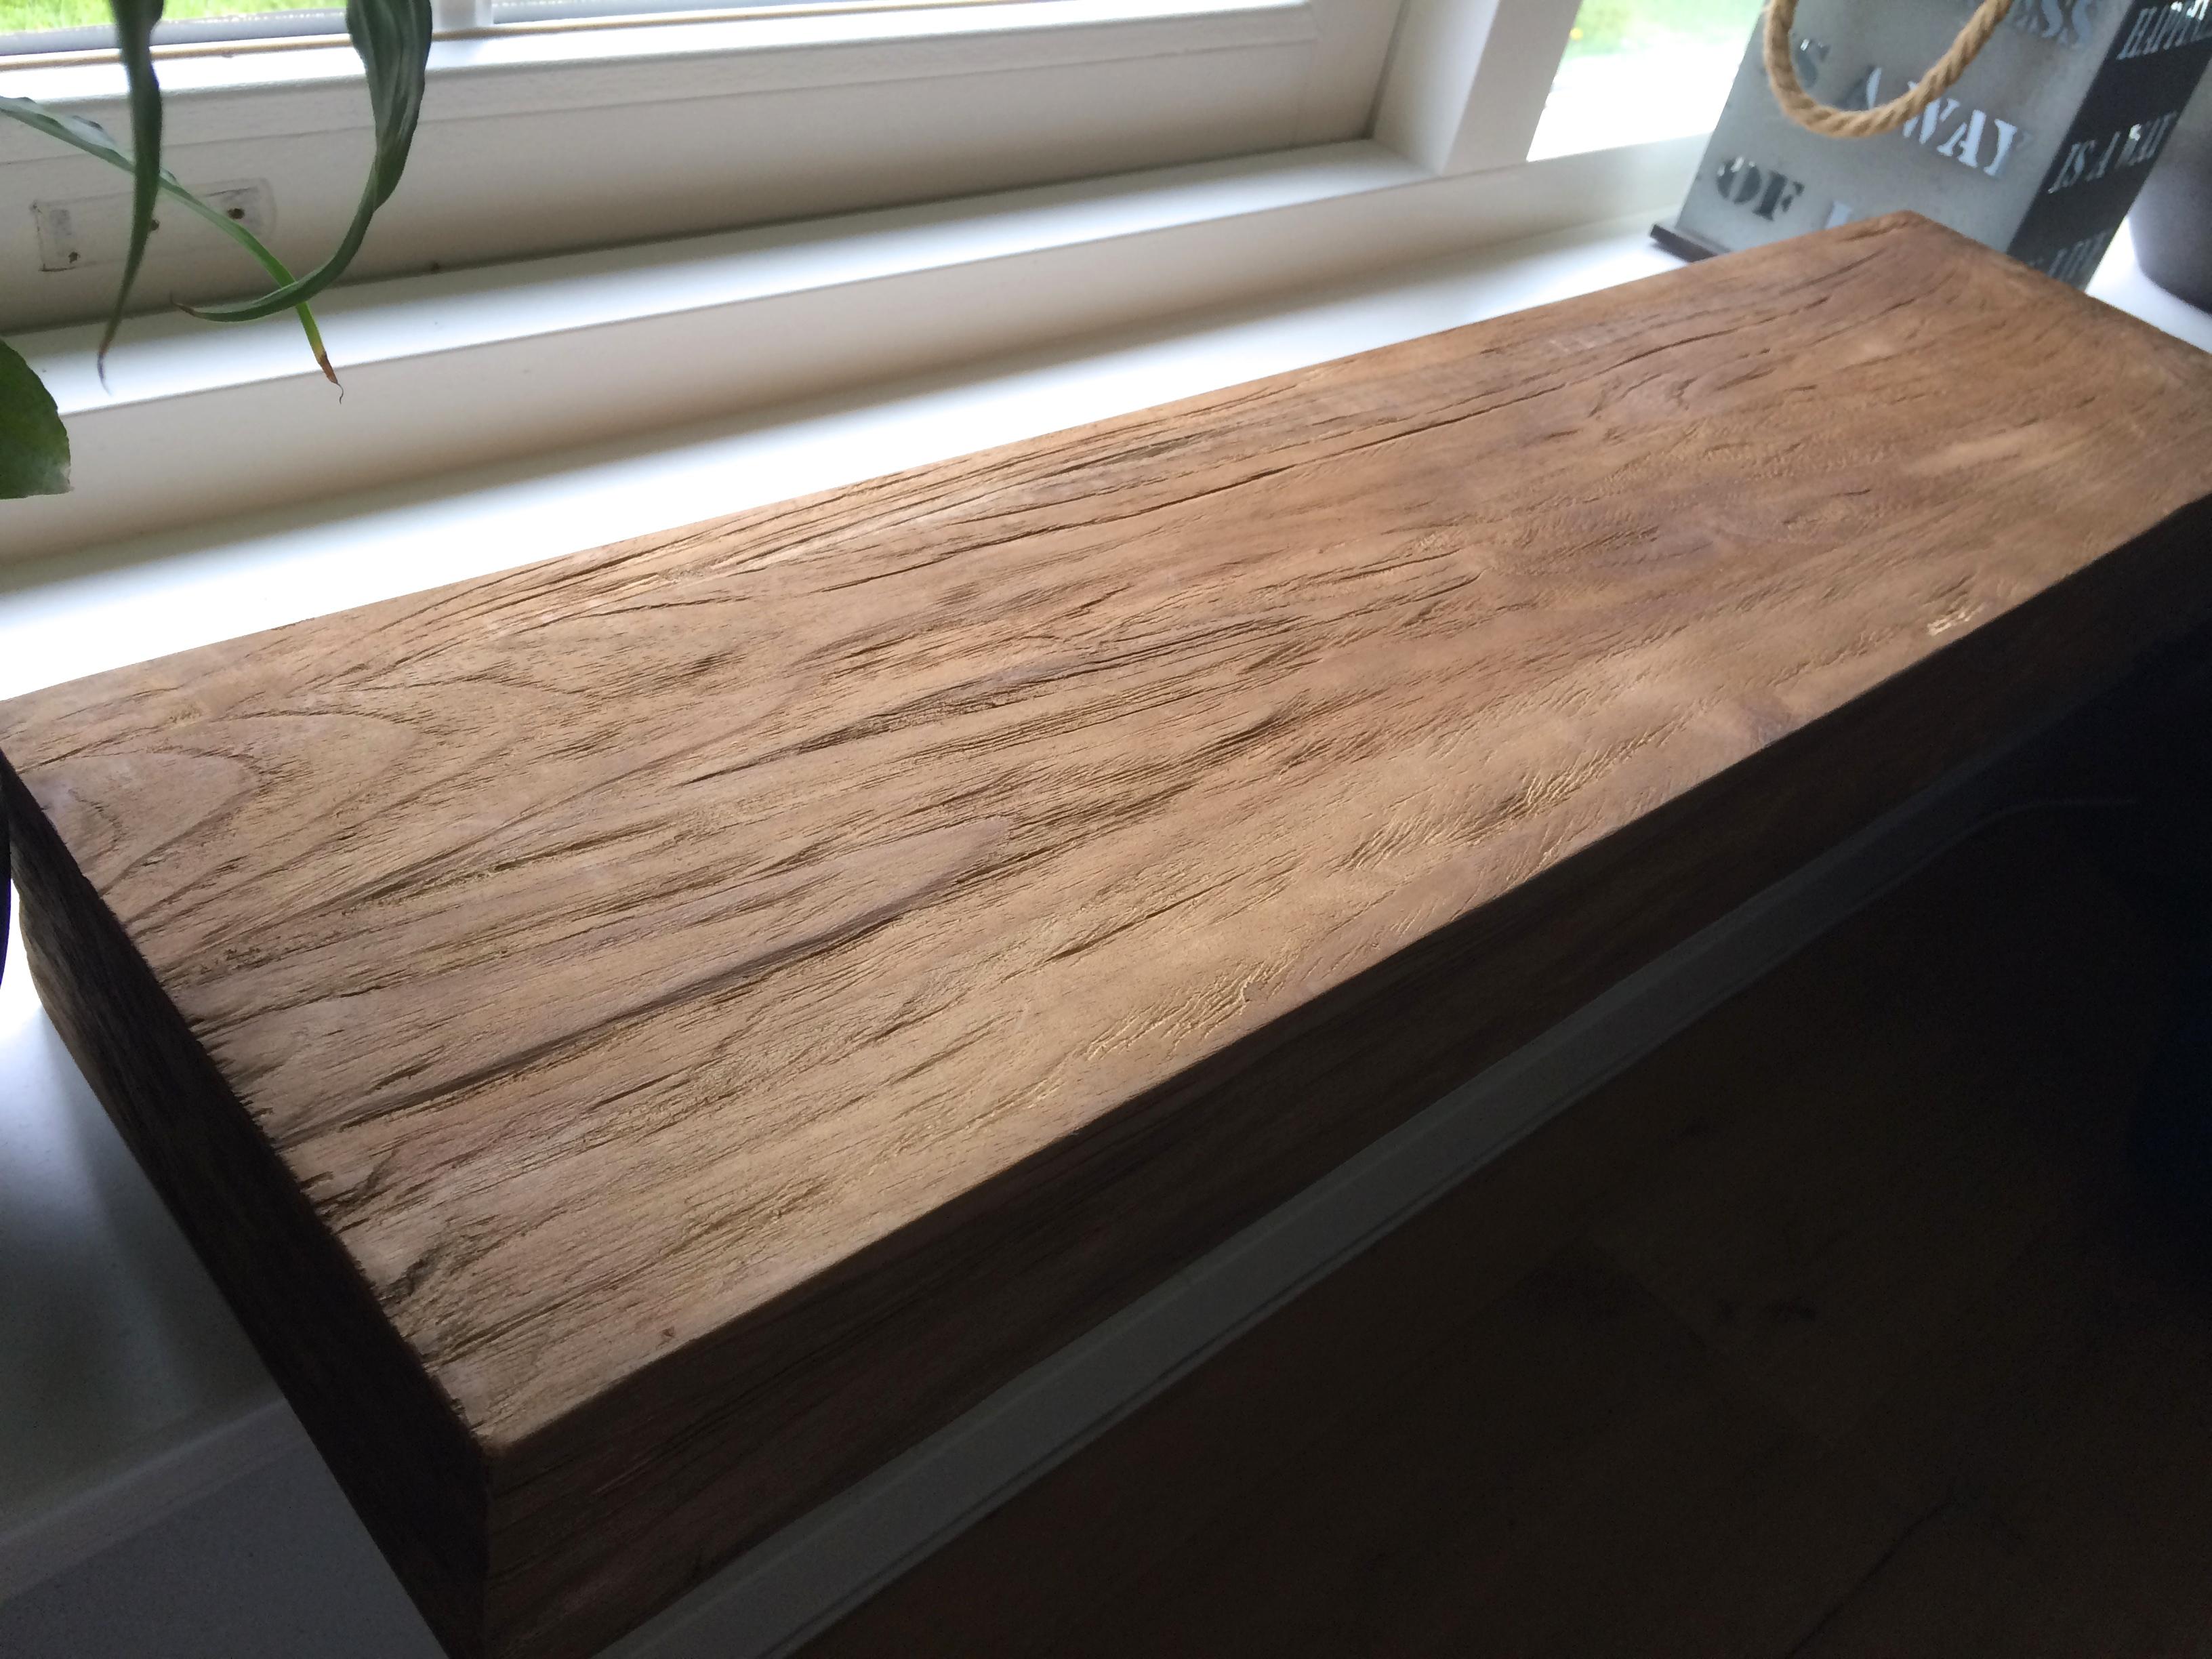 Wandplank 80 Cm.Wandplank 80cm Geborsteld Polder Teak